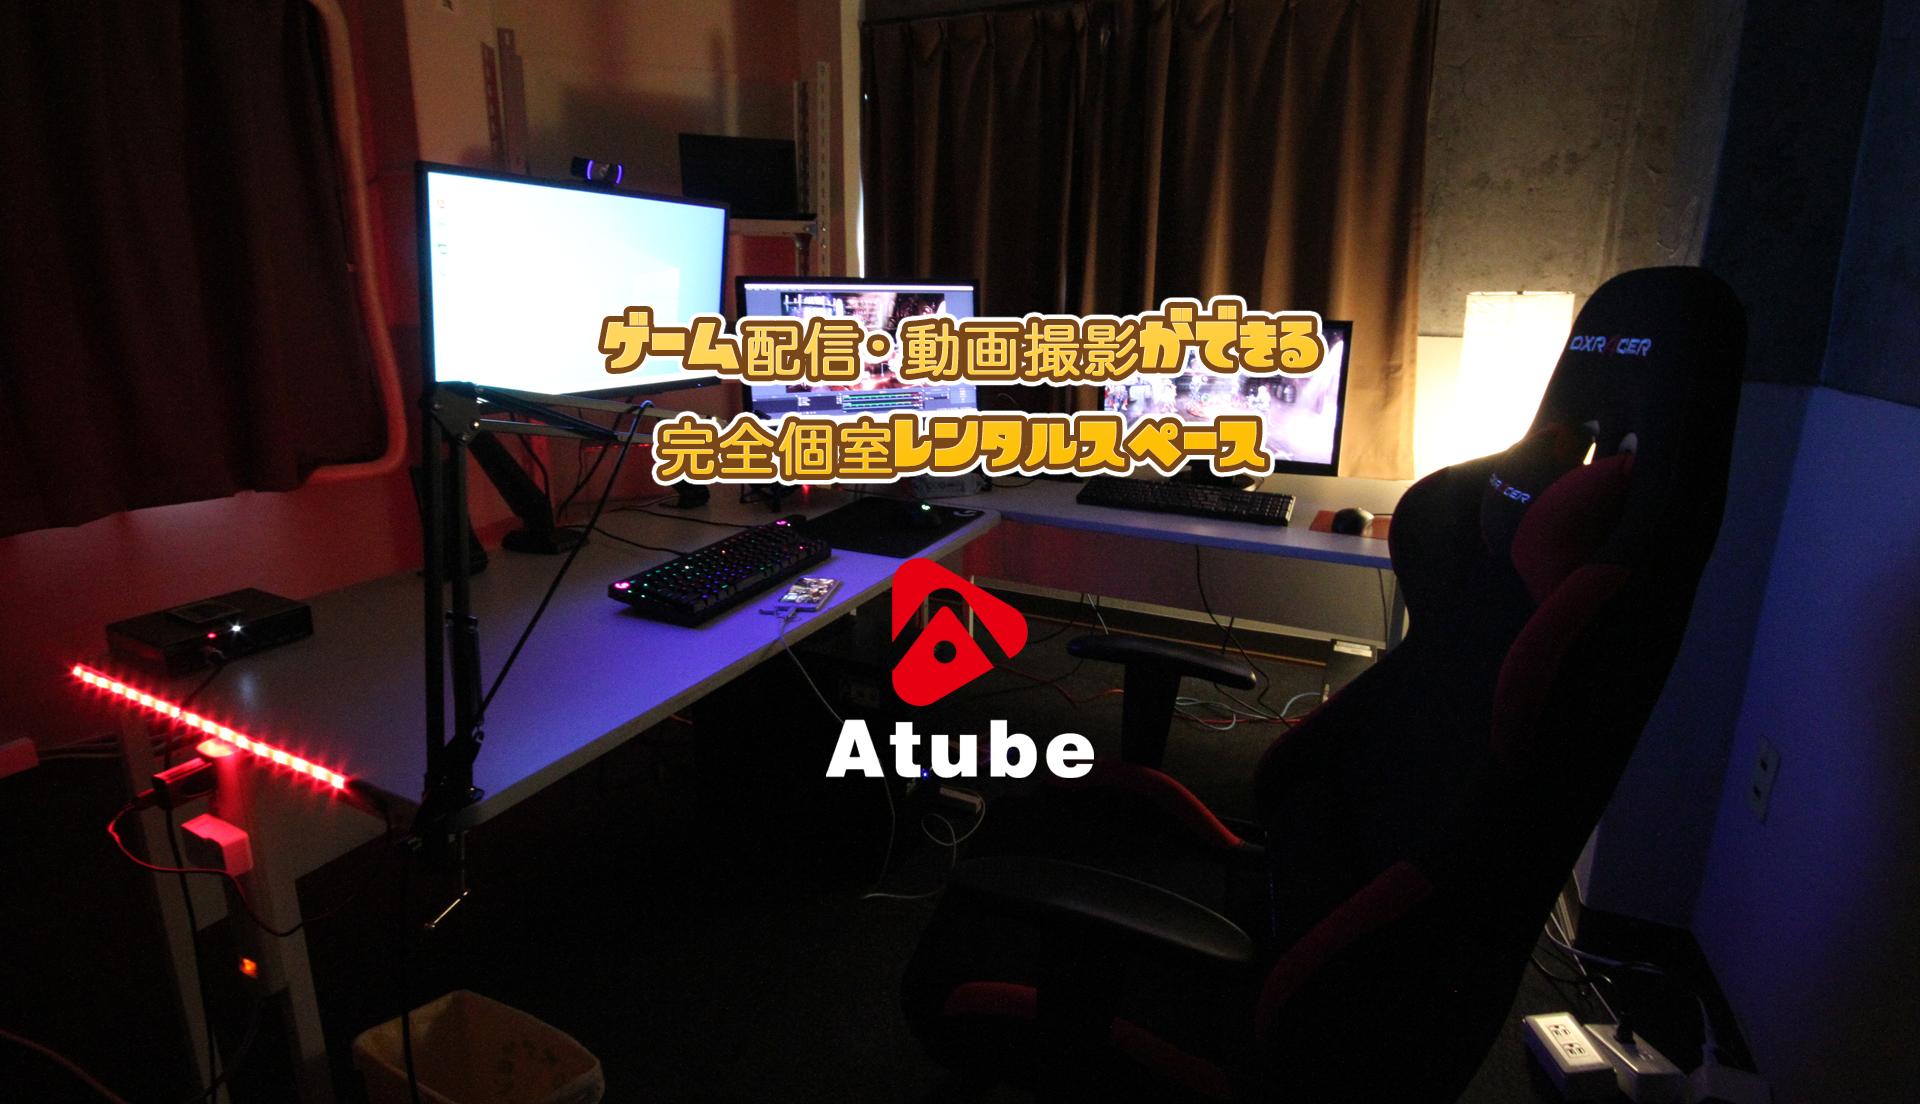 完全個室レンタルルームatube AkibaTubeの室内の写真